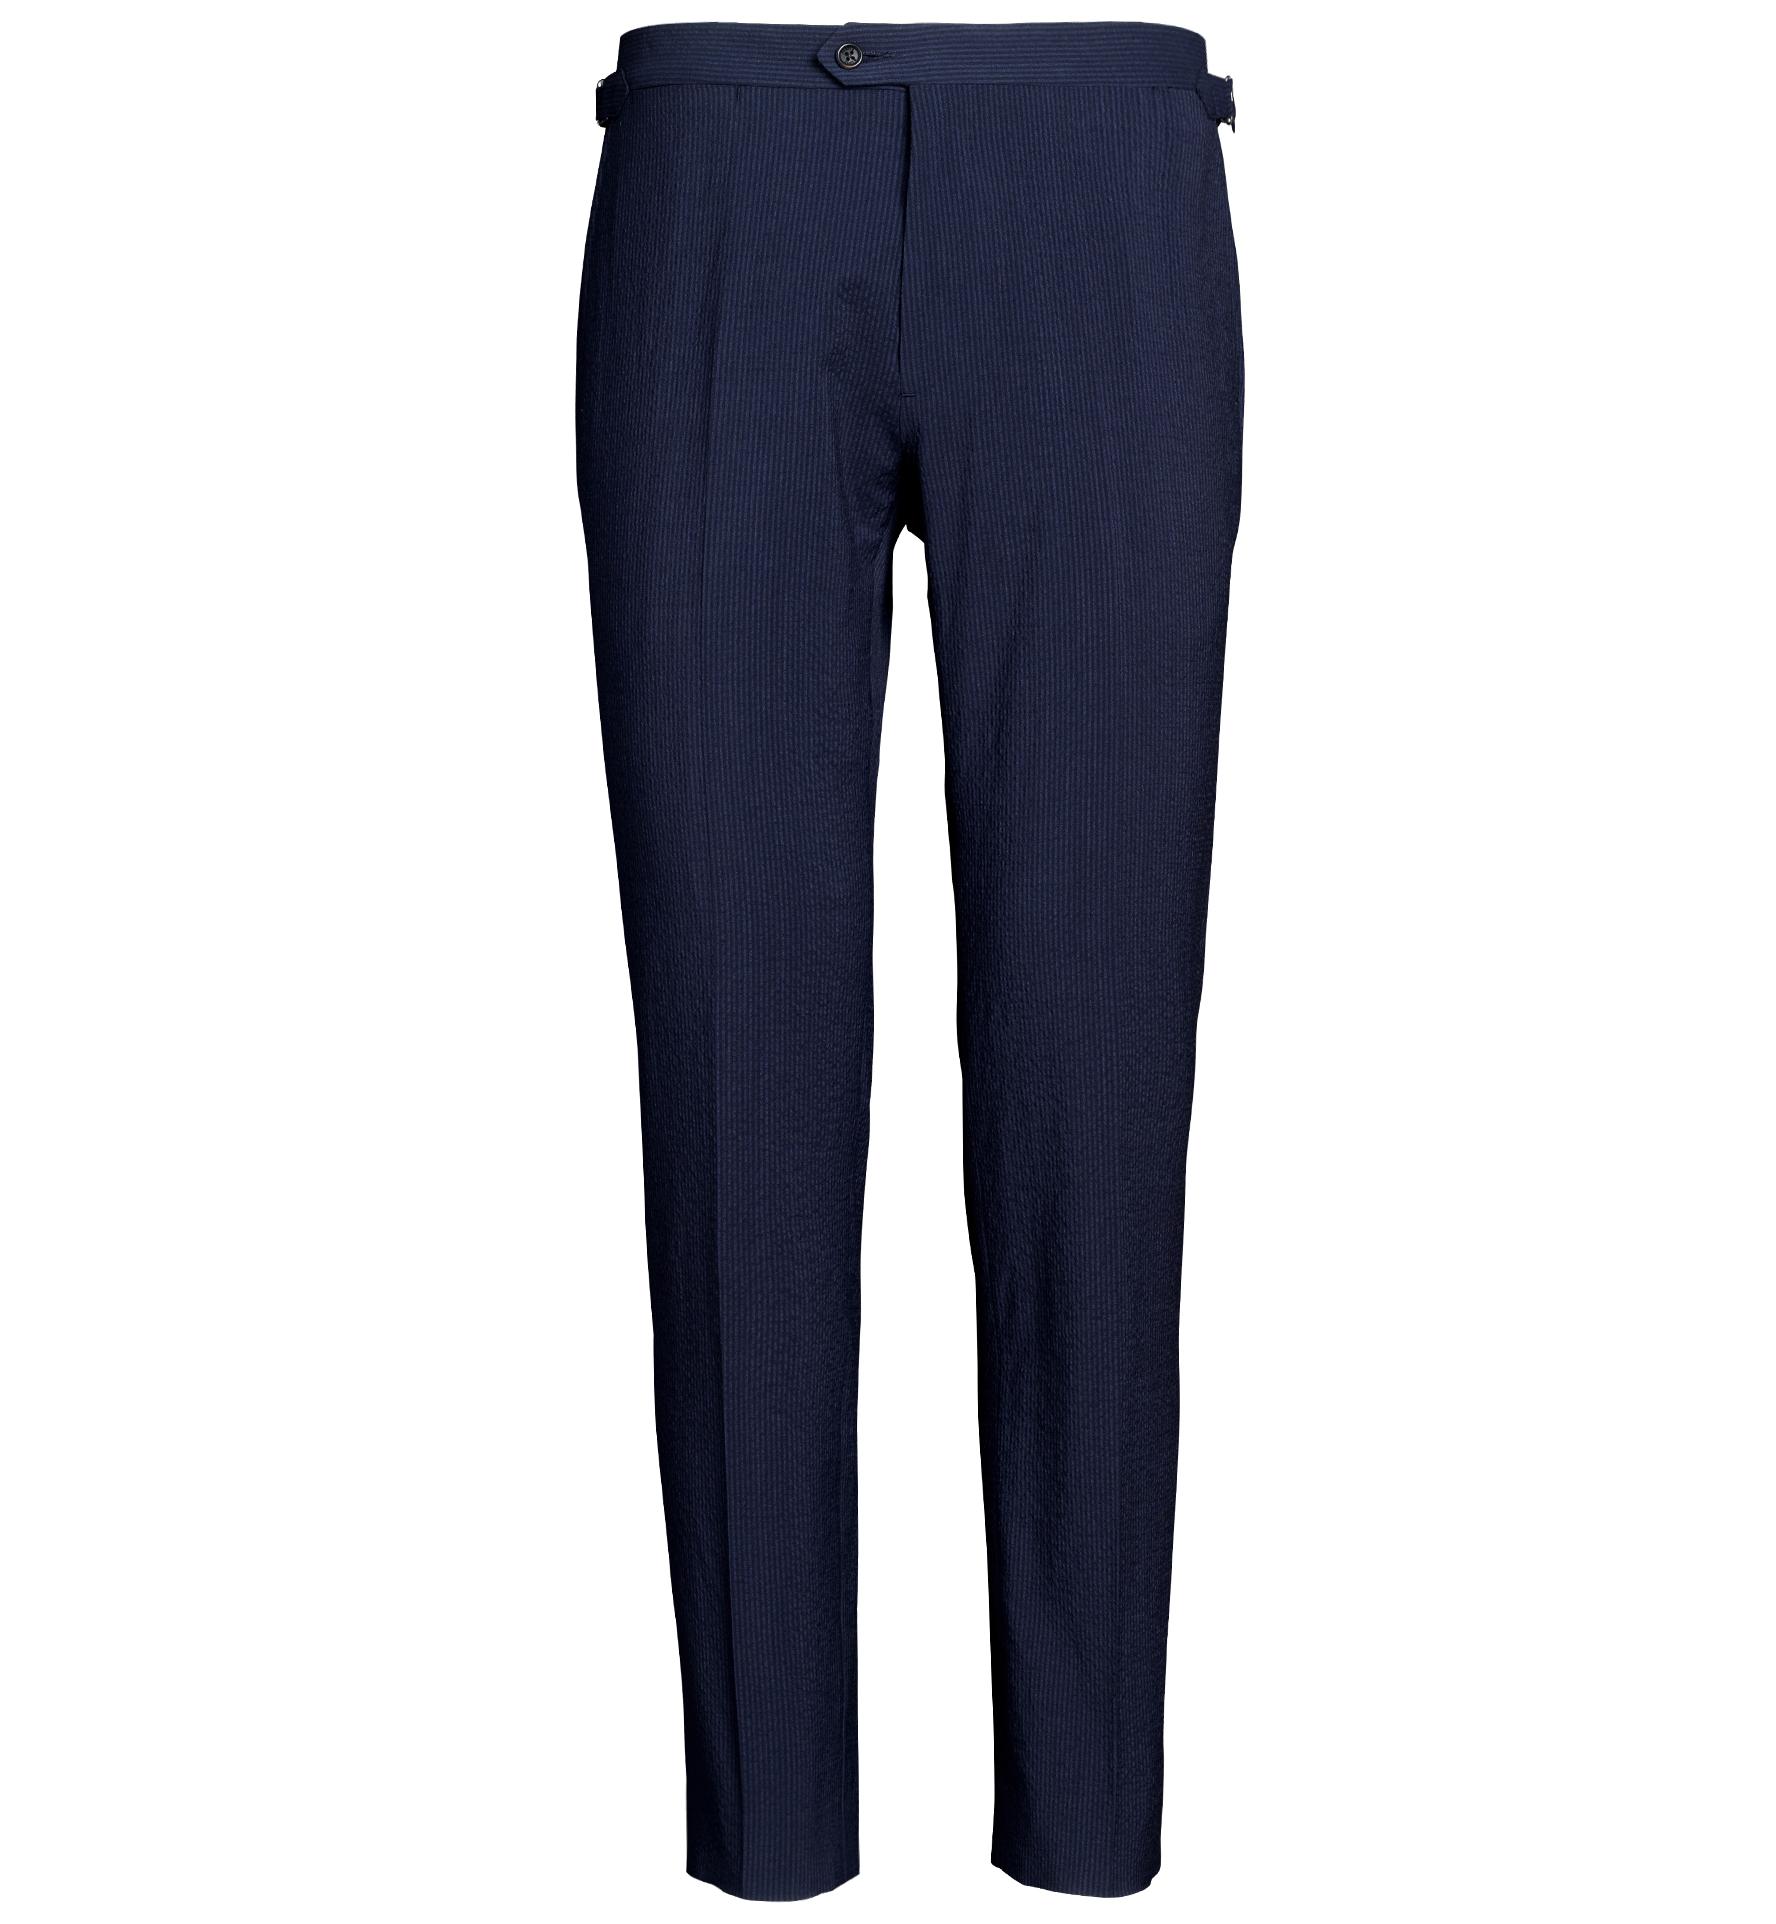 Zoom Image of Allen Navy Stretch Wool Seersucker Trouser